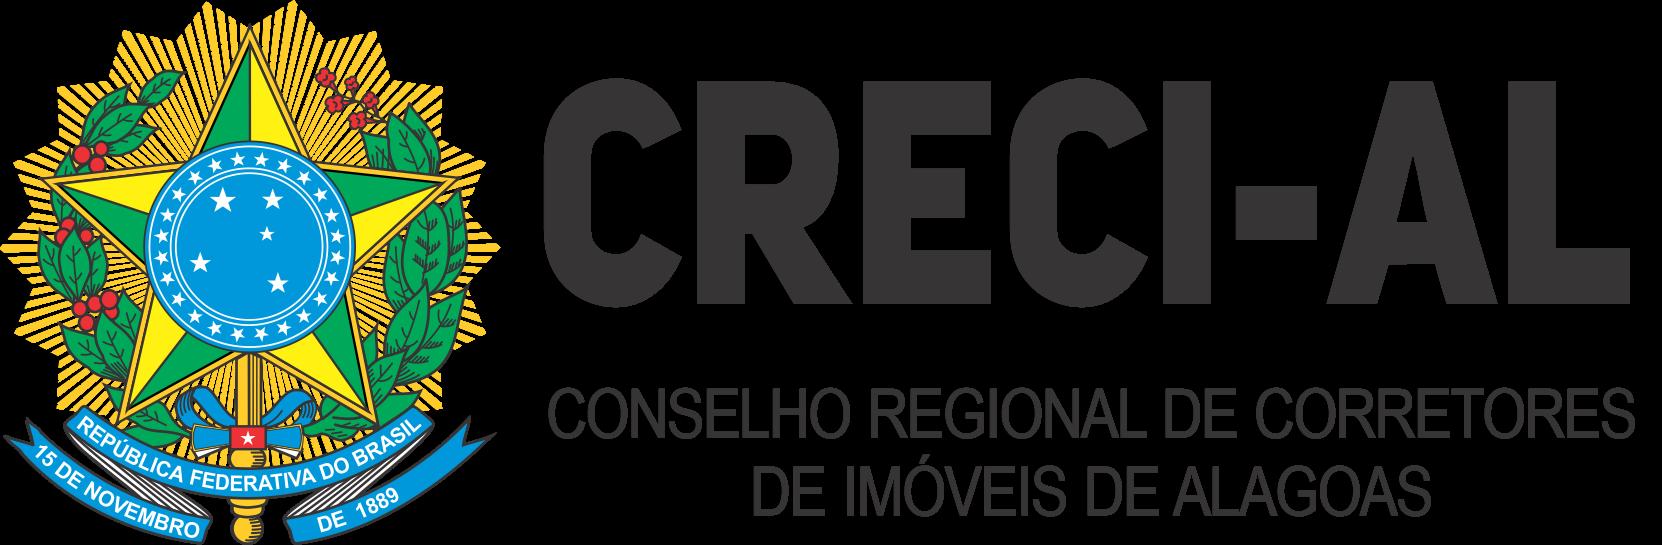 CRECI/AL